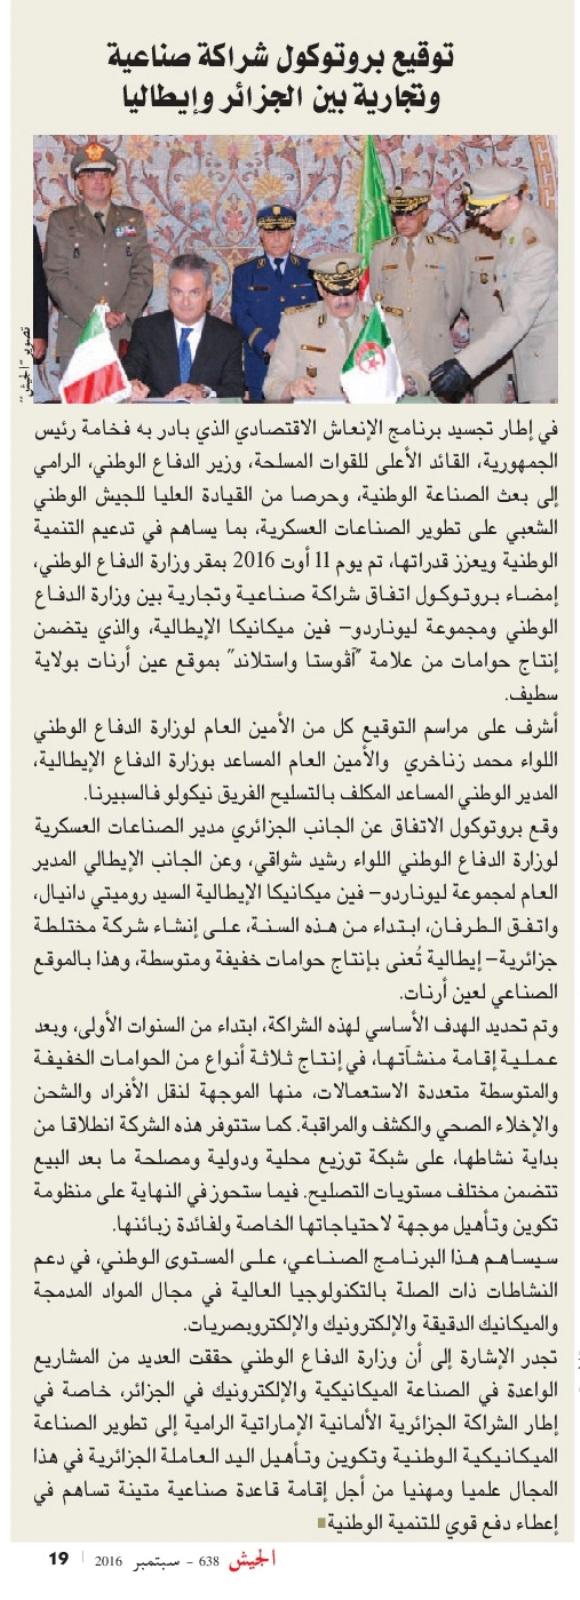 الصناعة العسكرية الجزائرية مروحيات [ AgustaWestland ]  - صفحة 2 30757901926_0478e78afc_o